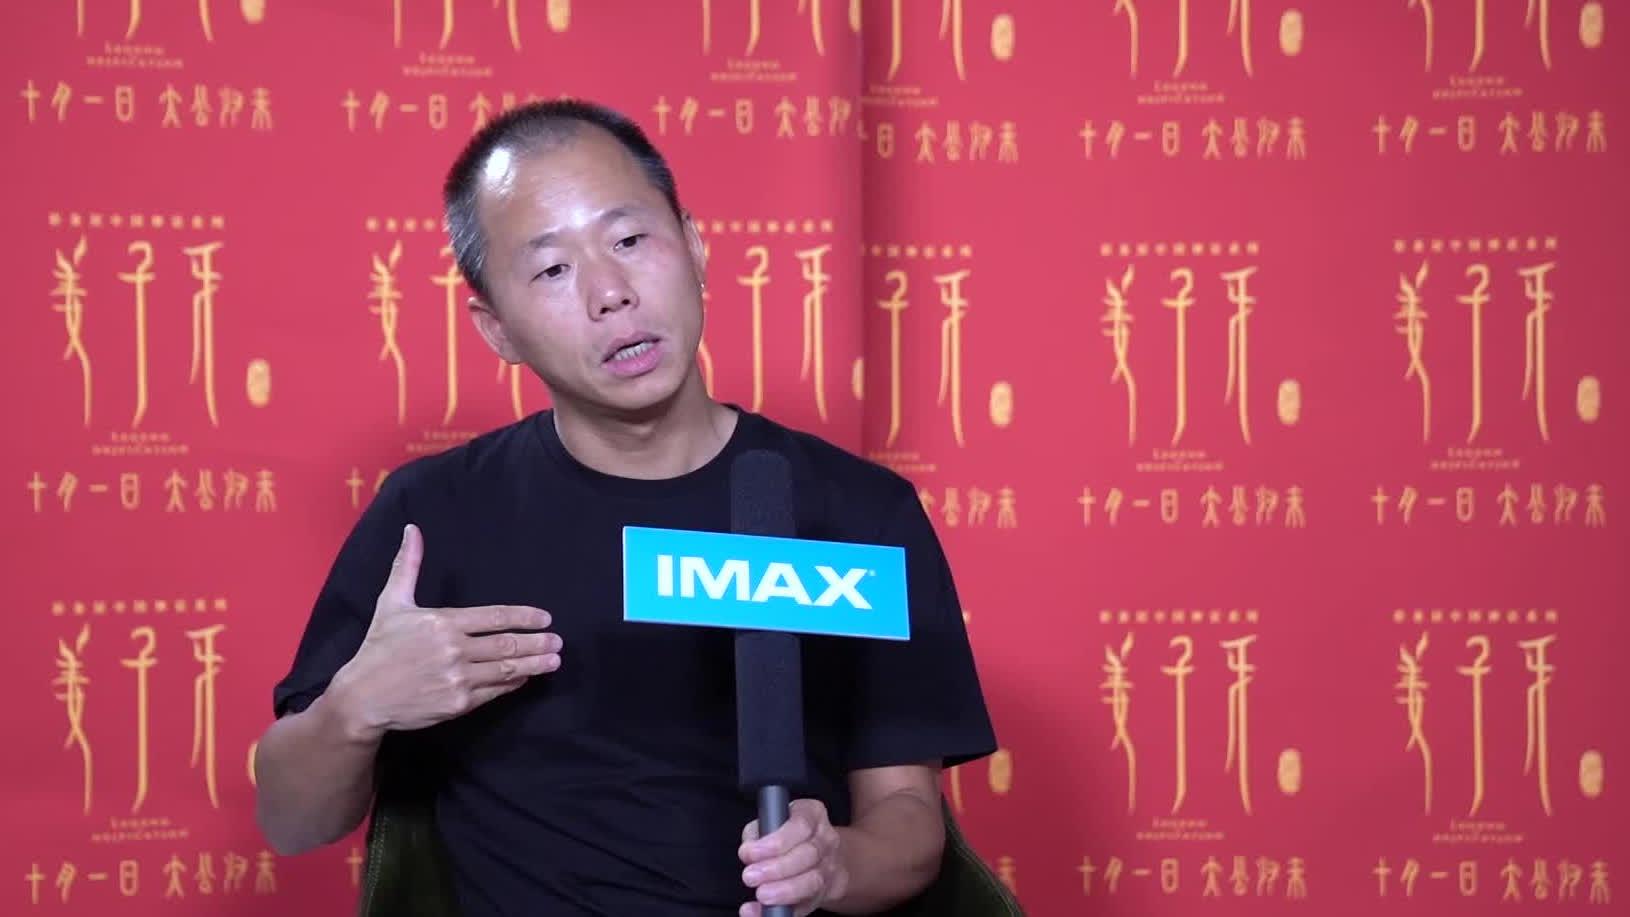 【姜子牙】导演解读IMAX沉浸式互动体验